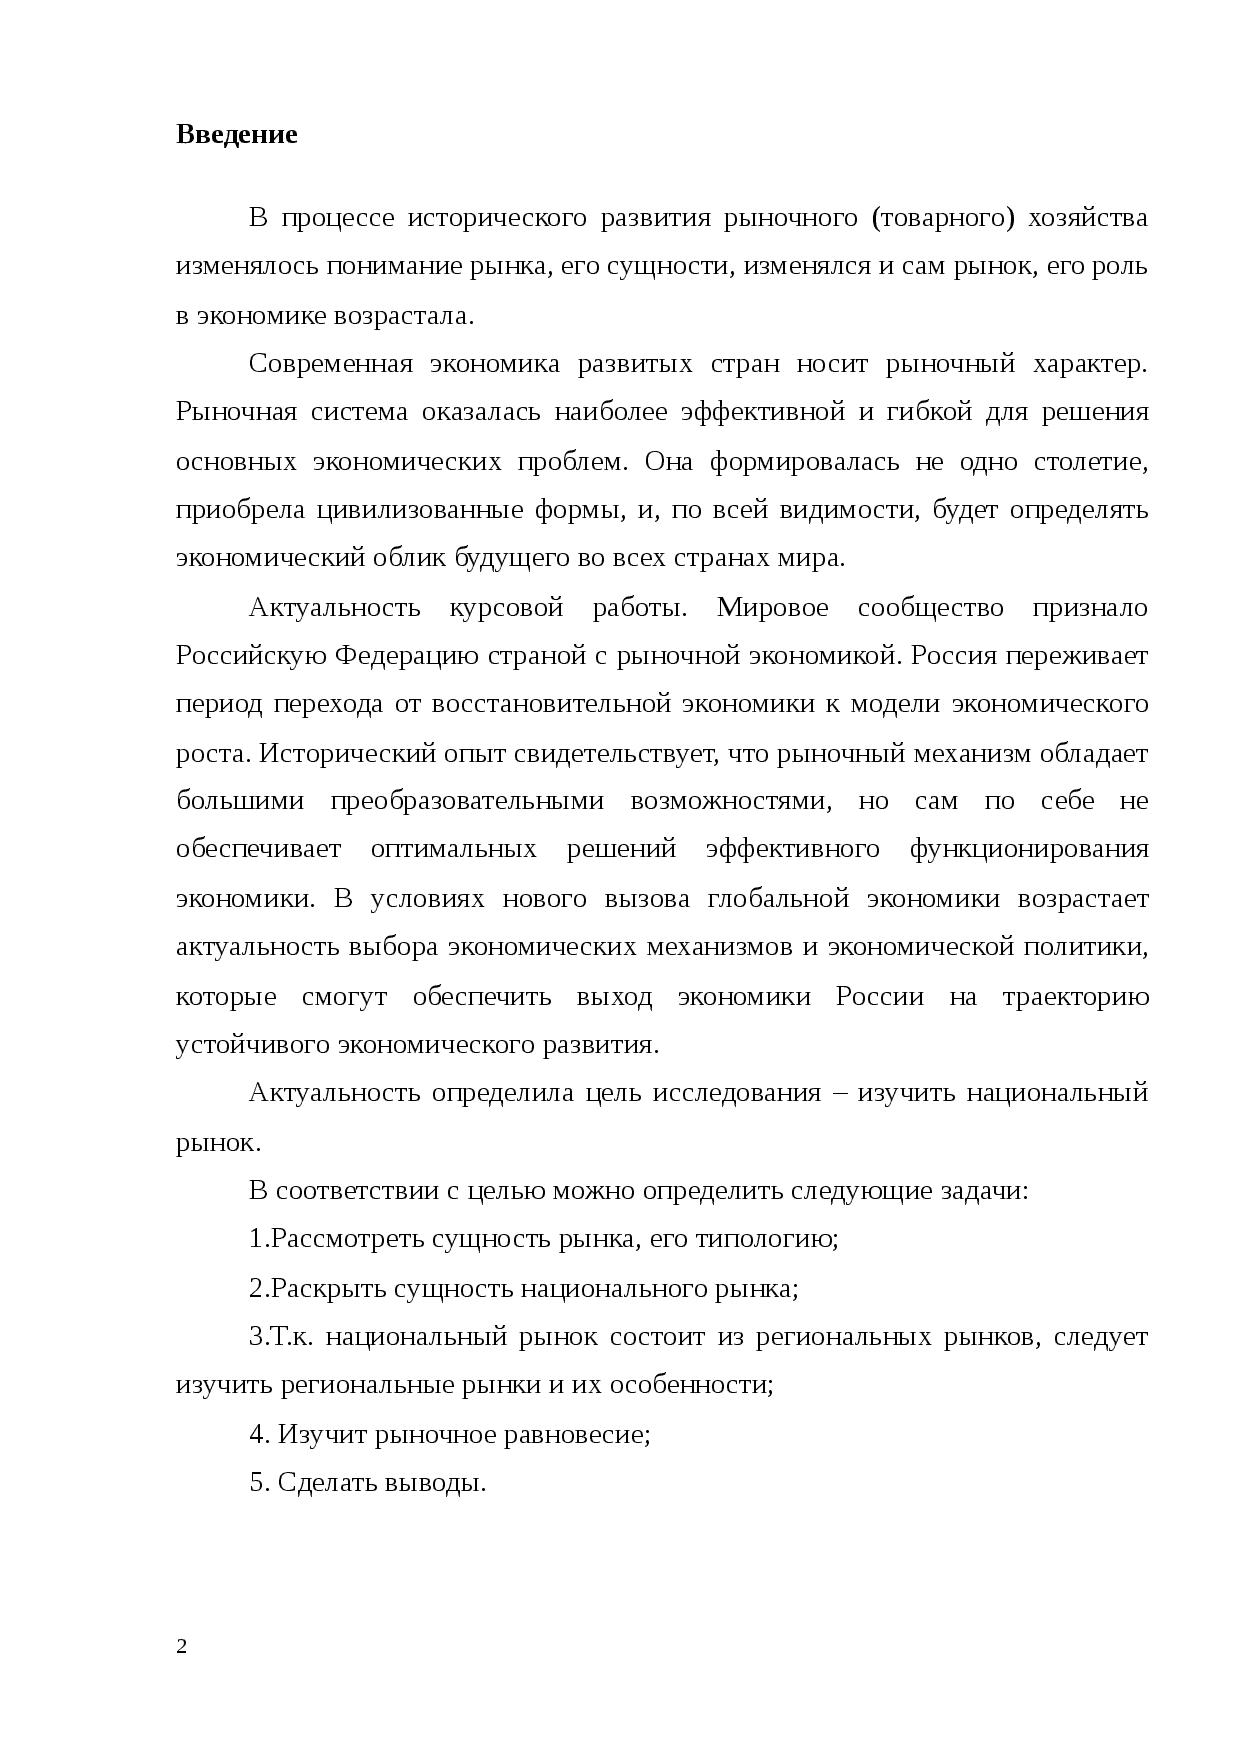 Изменение рыночного равновесия: примеры, графики, уравнения – sprintinvest.ru